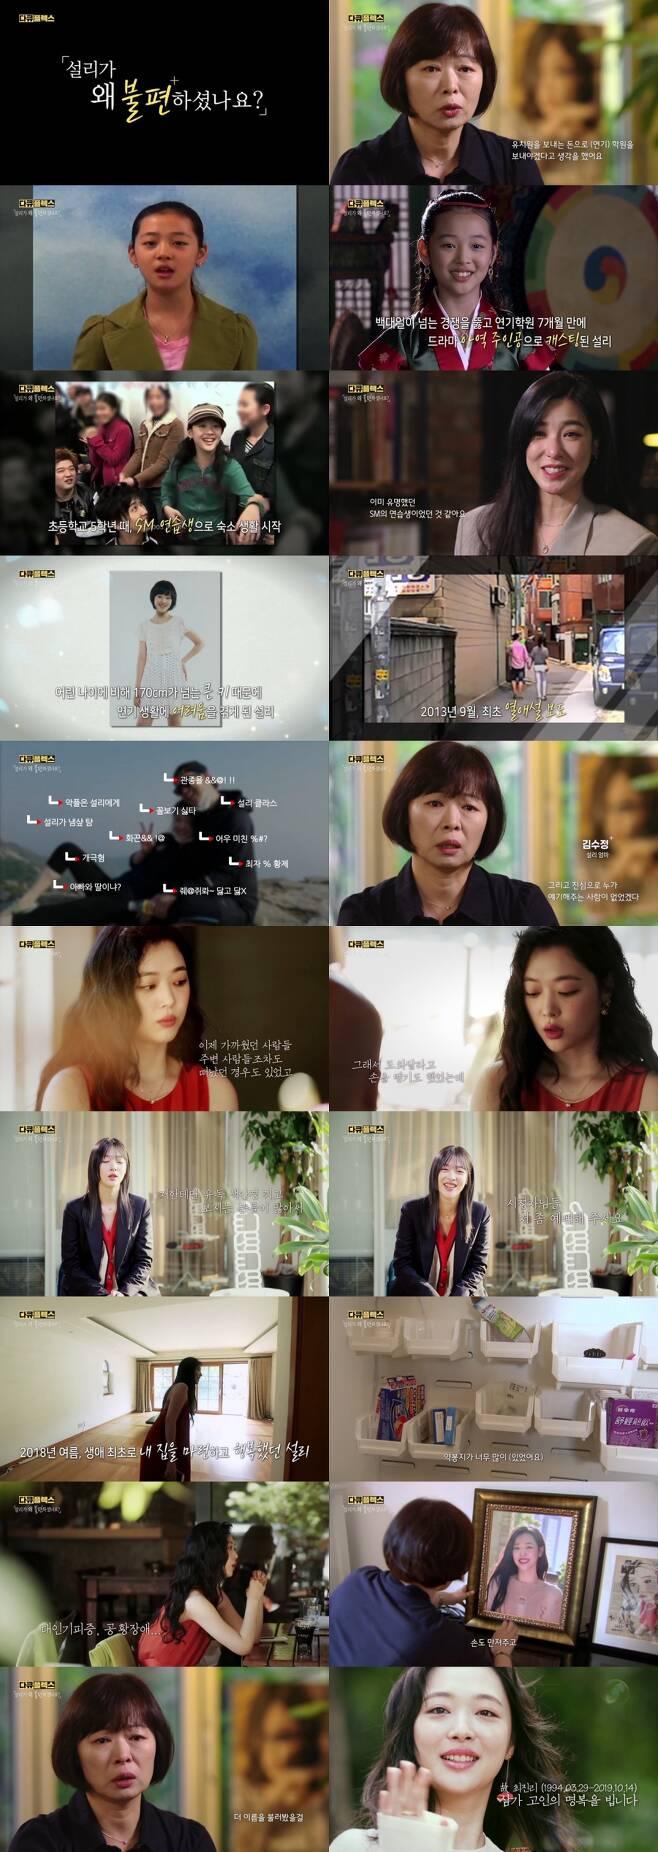 ▲ 제공 MBC '다큐플렉스' '설리가 왜 불편하셨나요'